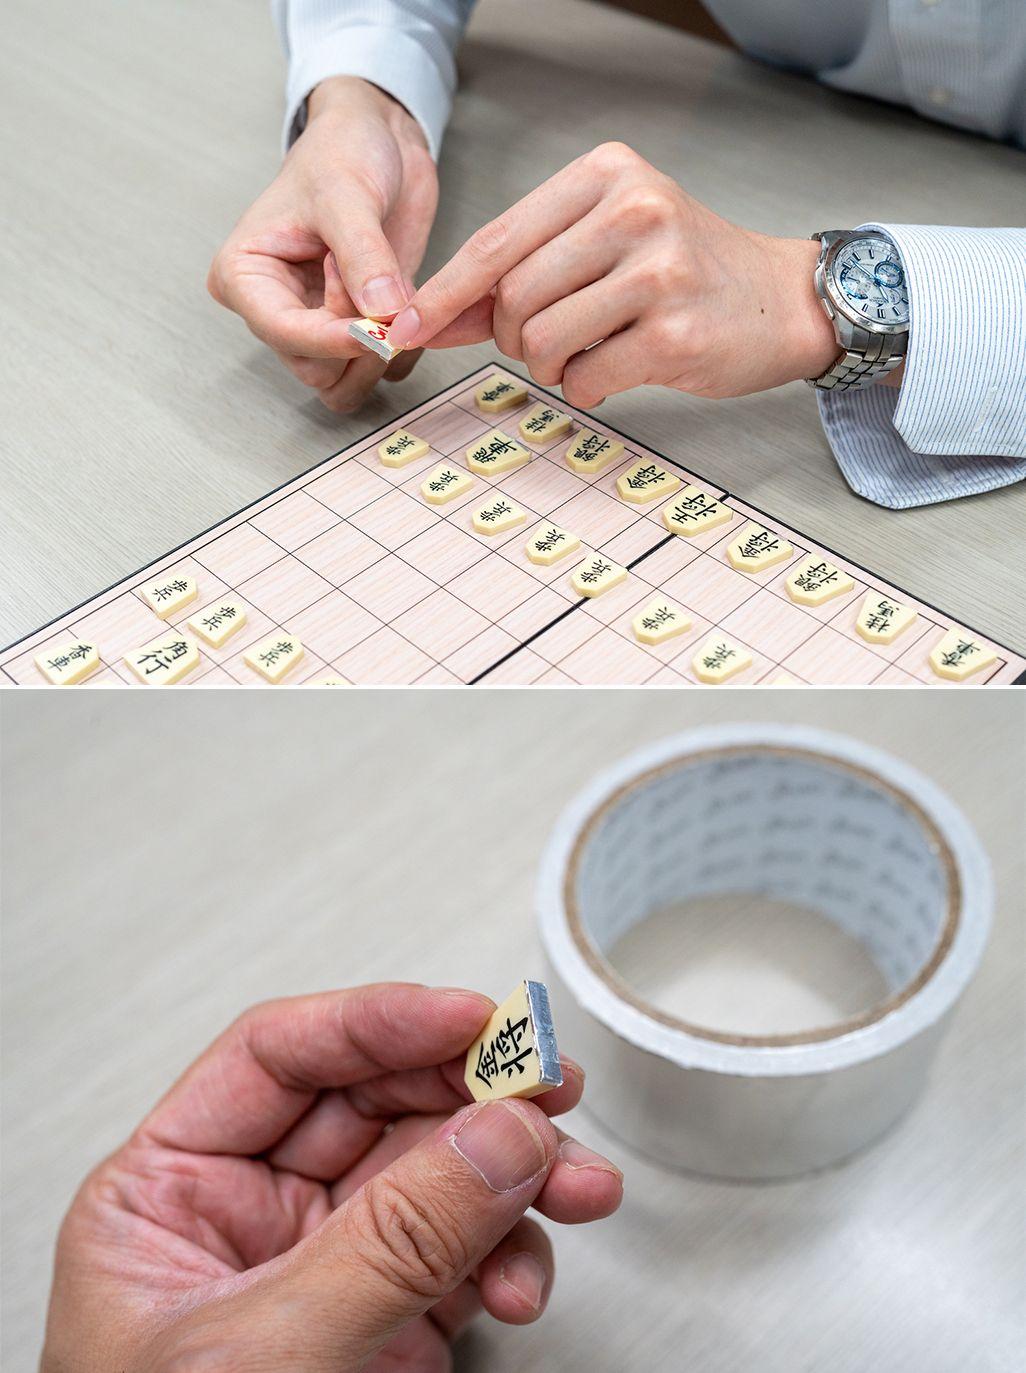 マイクロビットを活用した将棋駒チェッカー